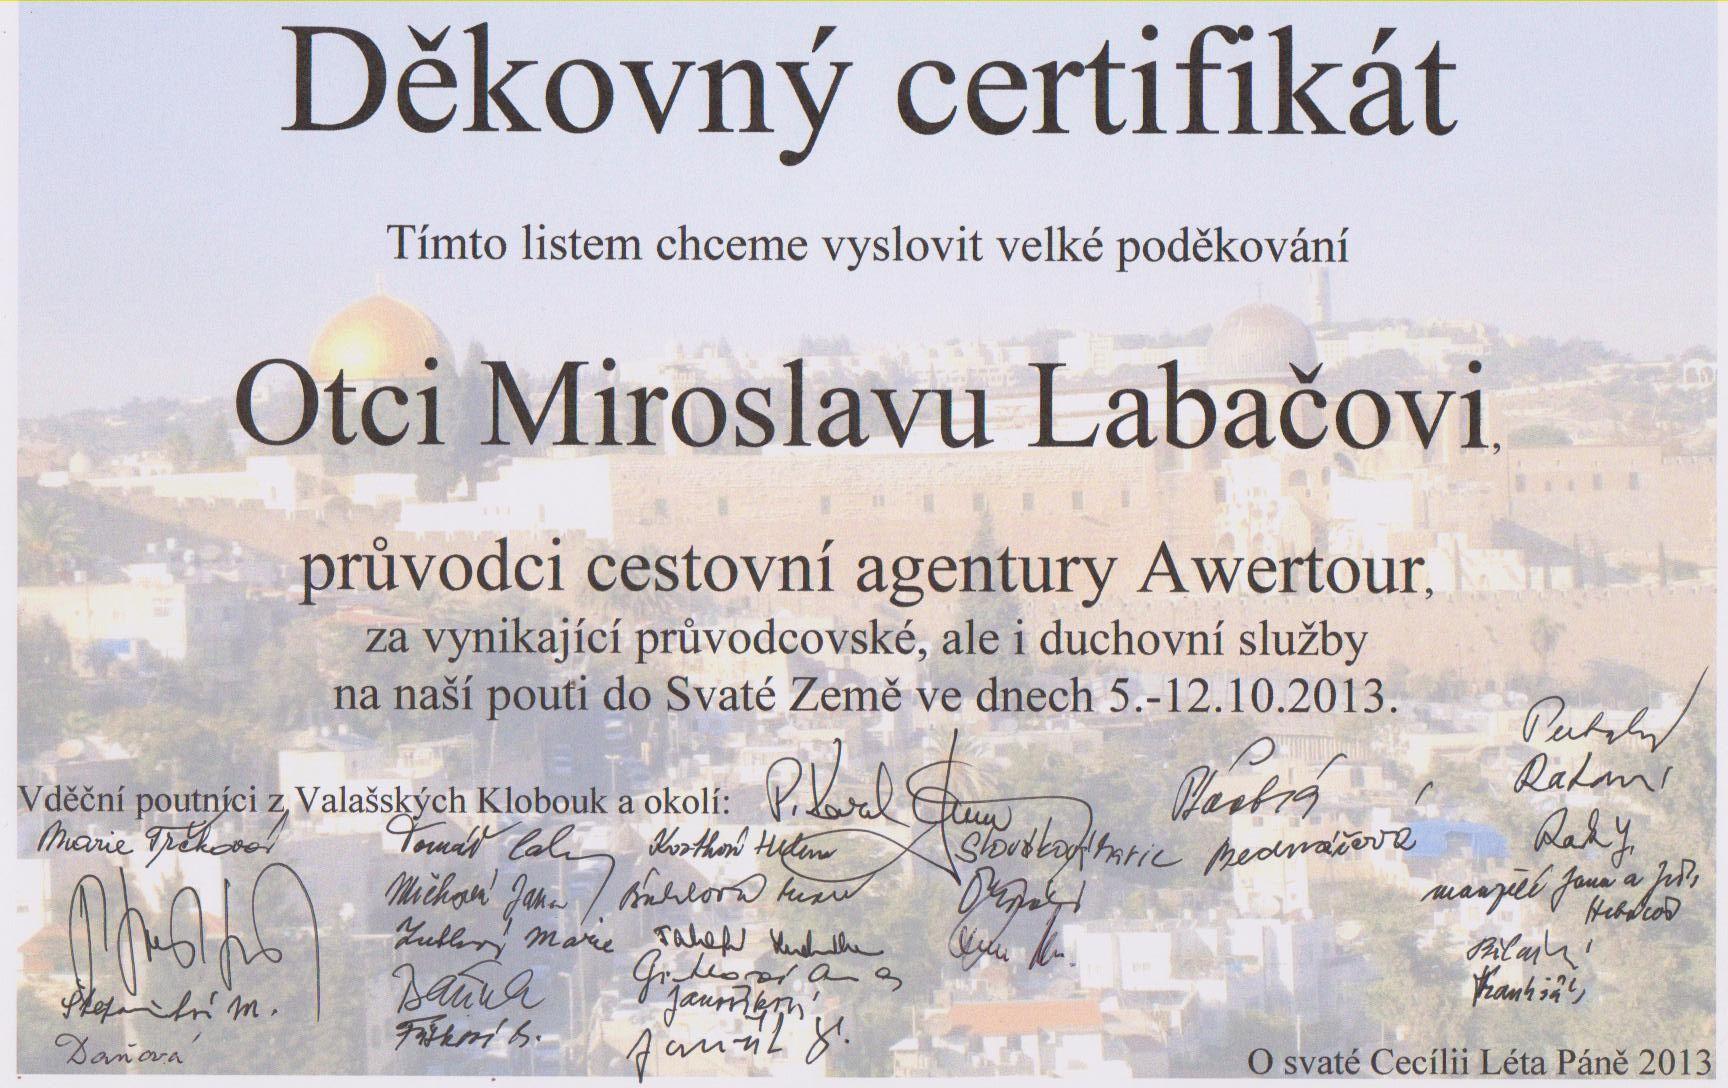 Certifikat-CK awertour.cz